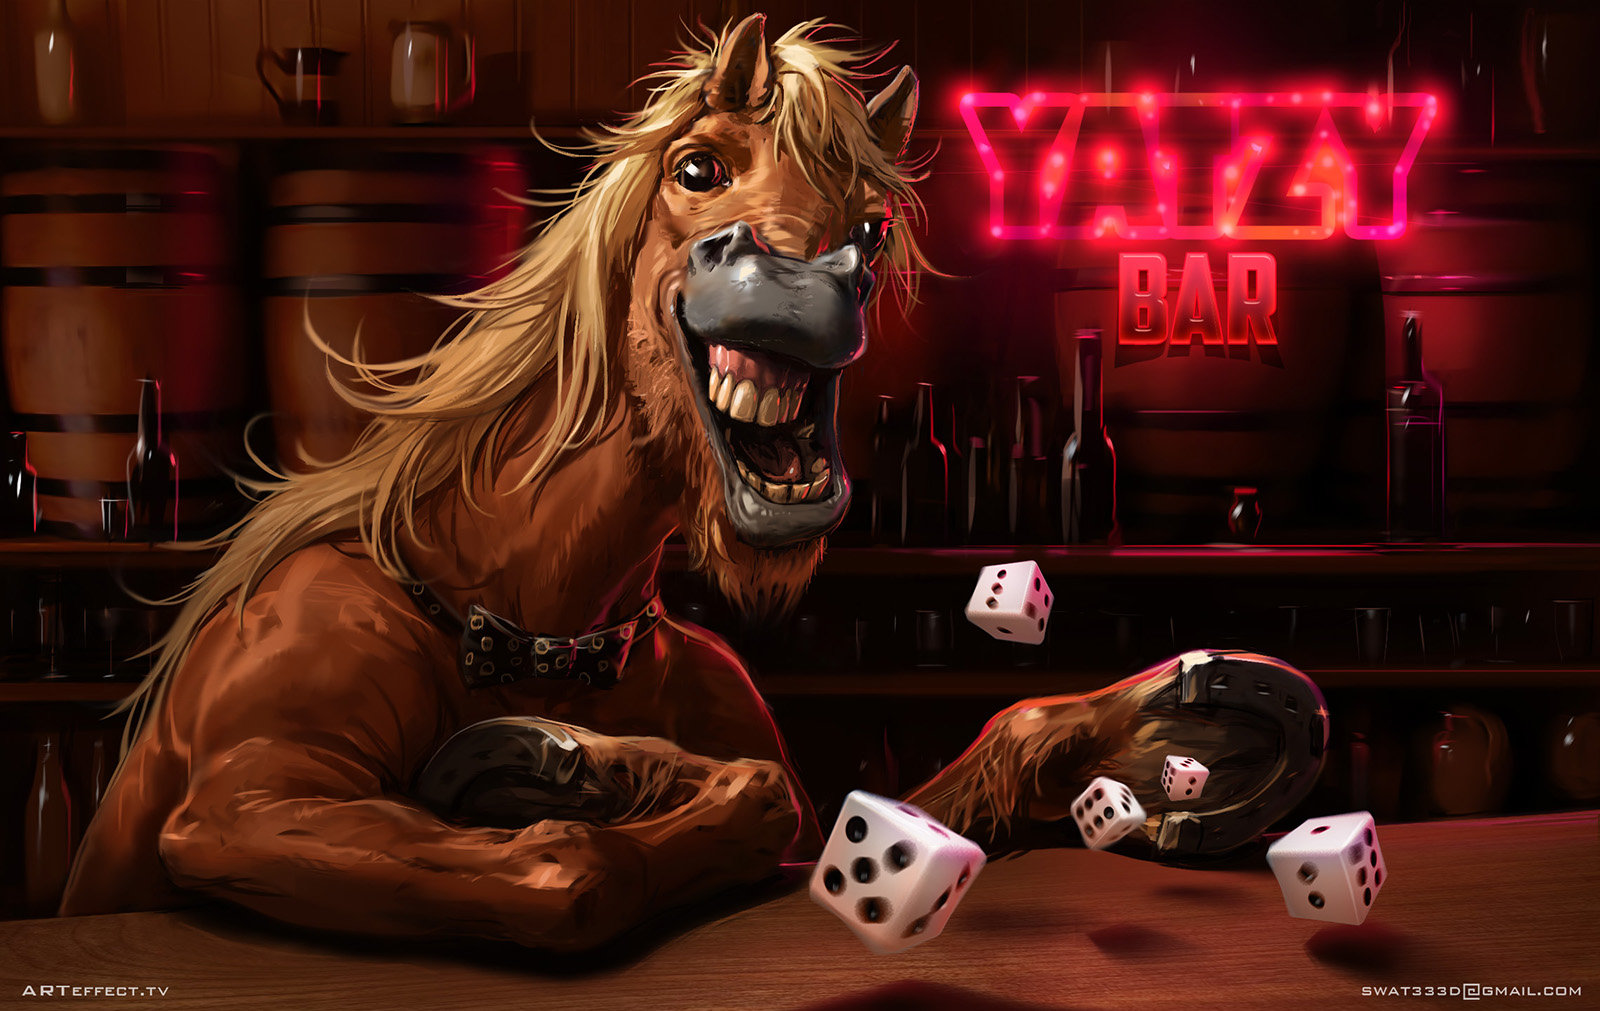 Sviatoslav gerasimchuk drunken horse